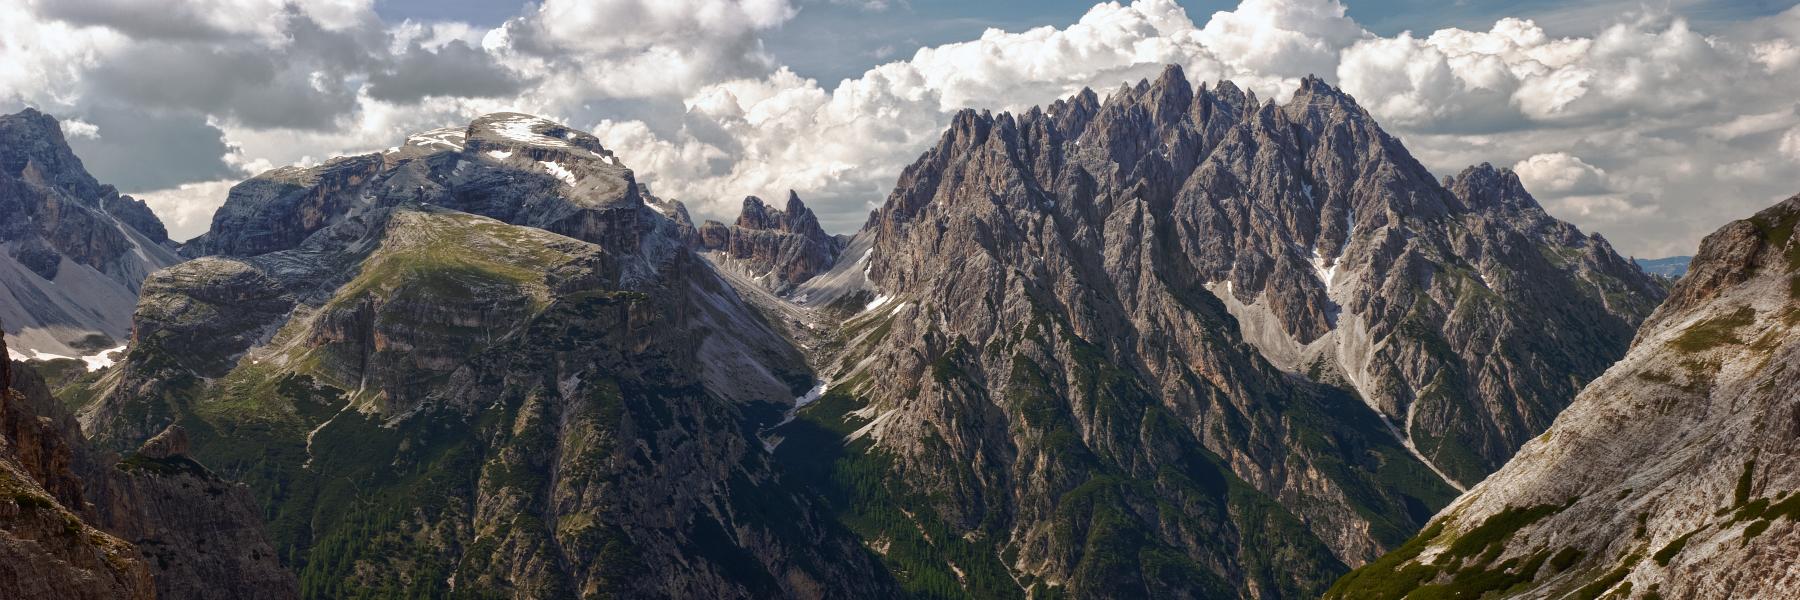 Two Mountains - around Tre Cime di Lavaredo